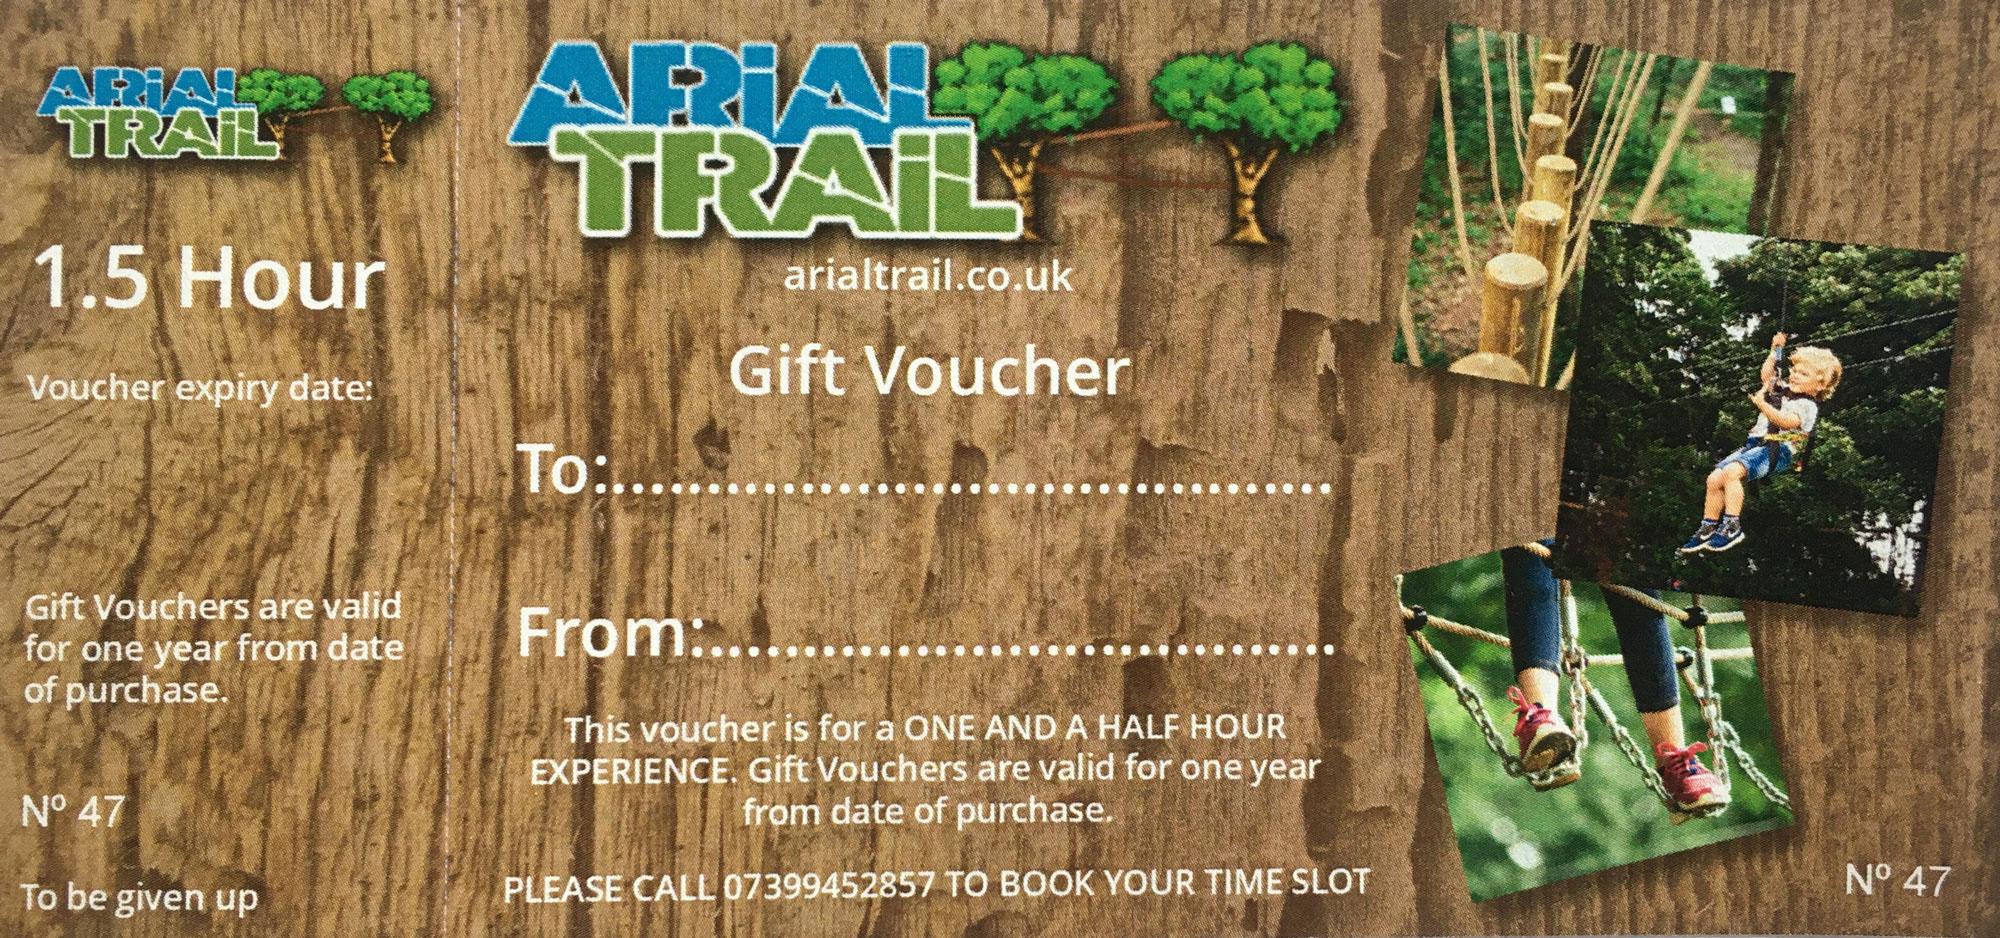 Voucher-Arial-Trail